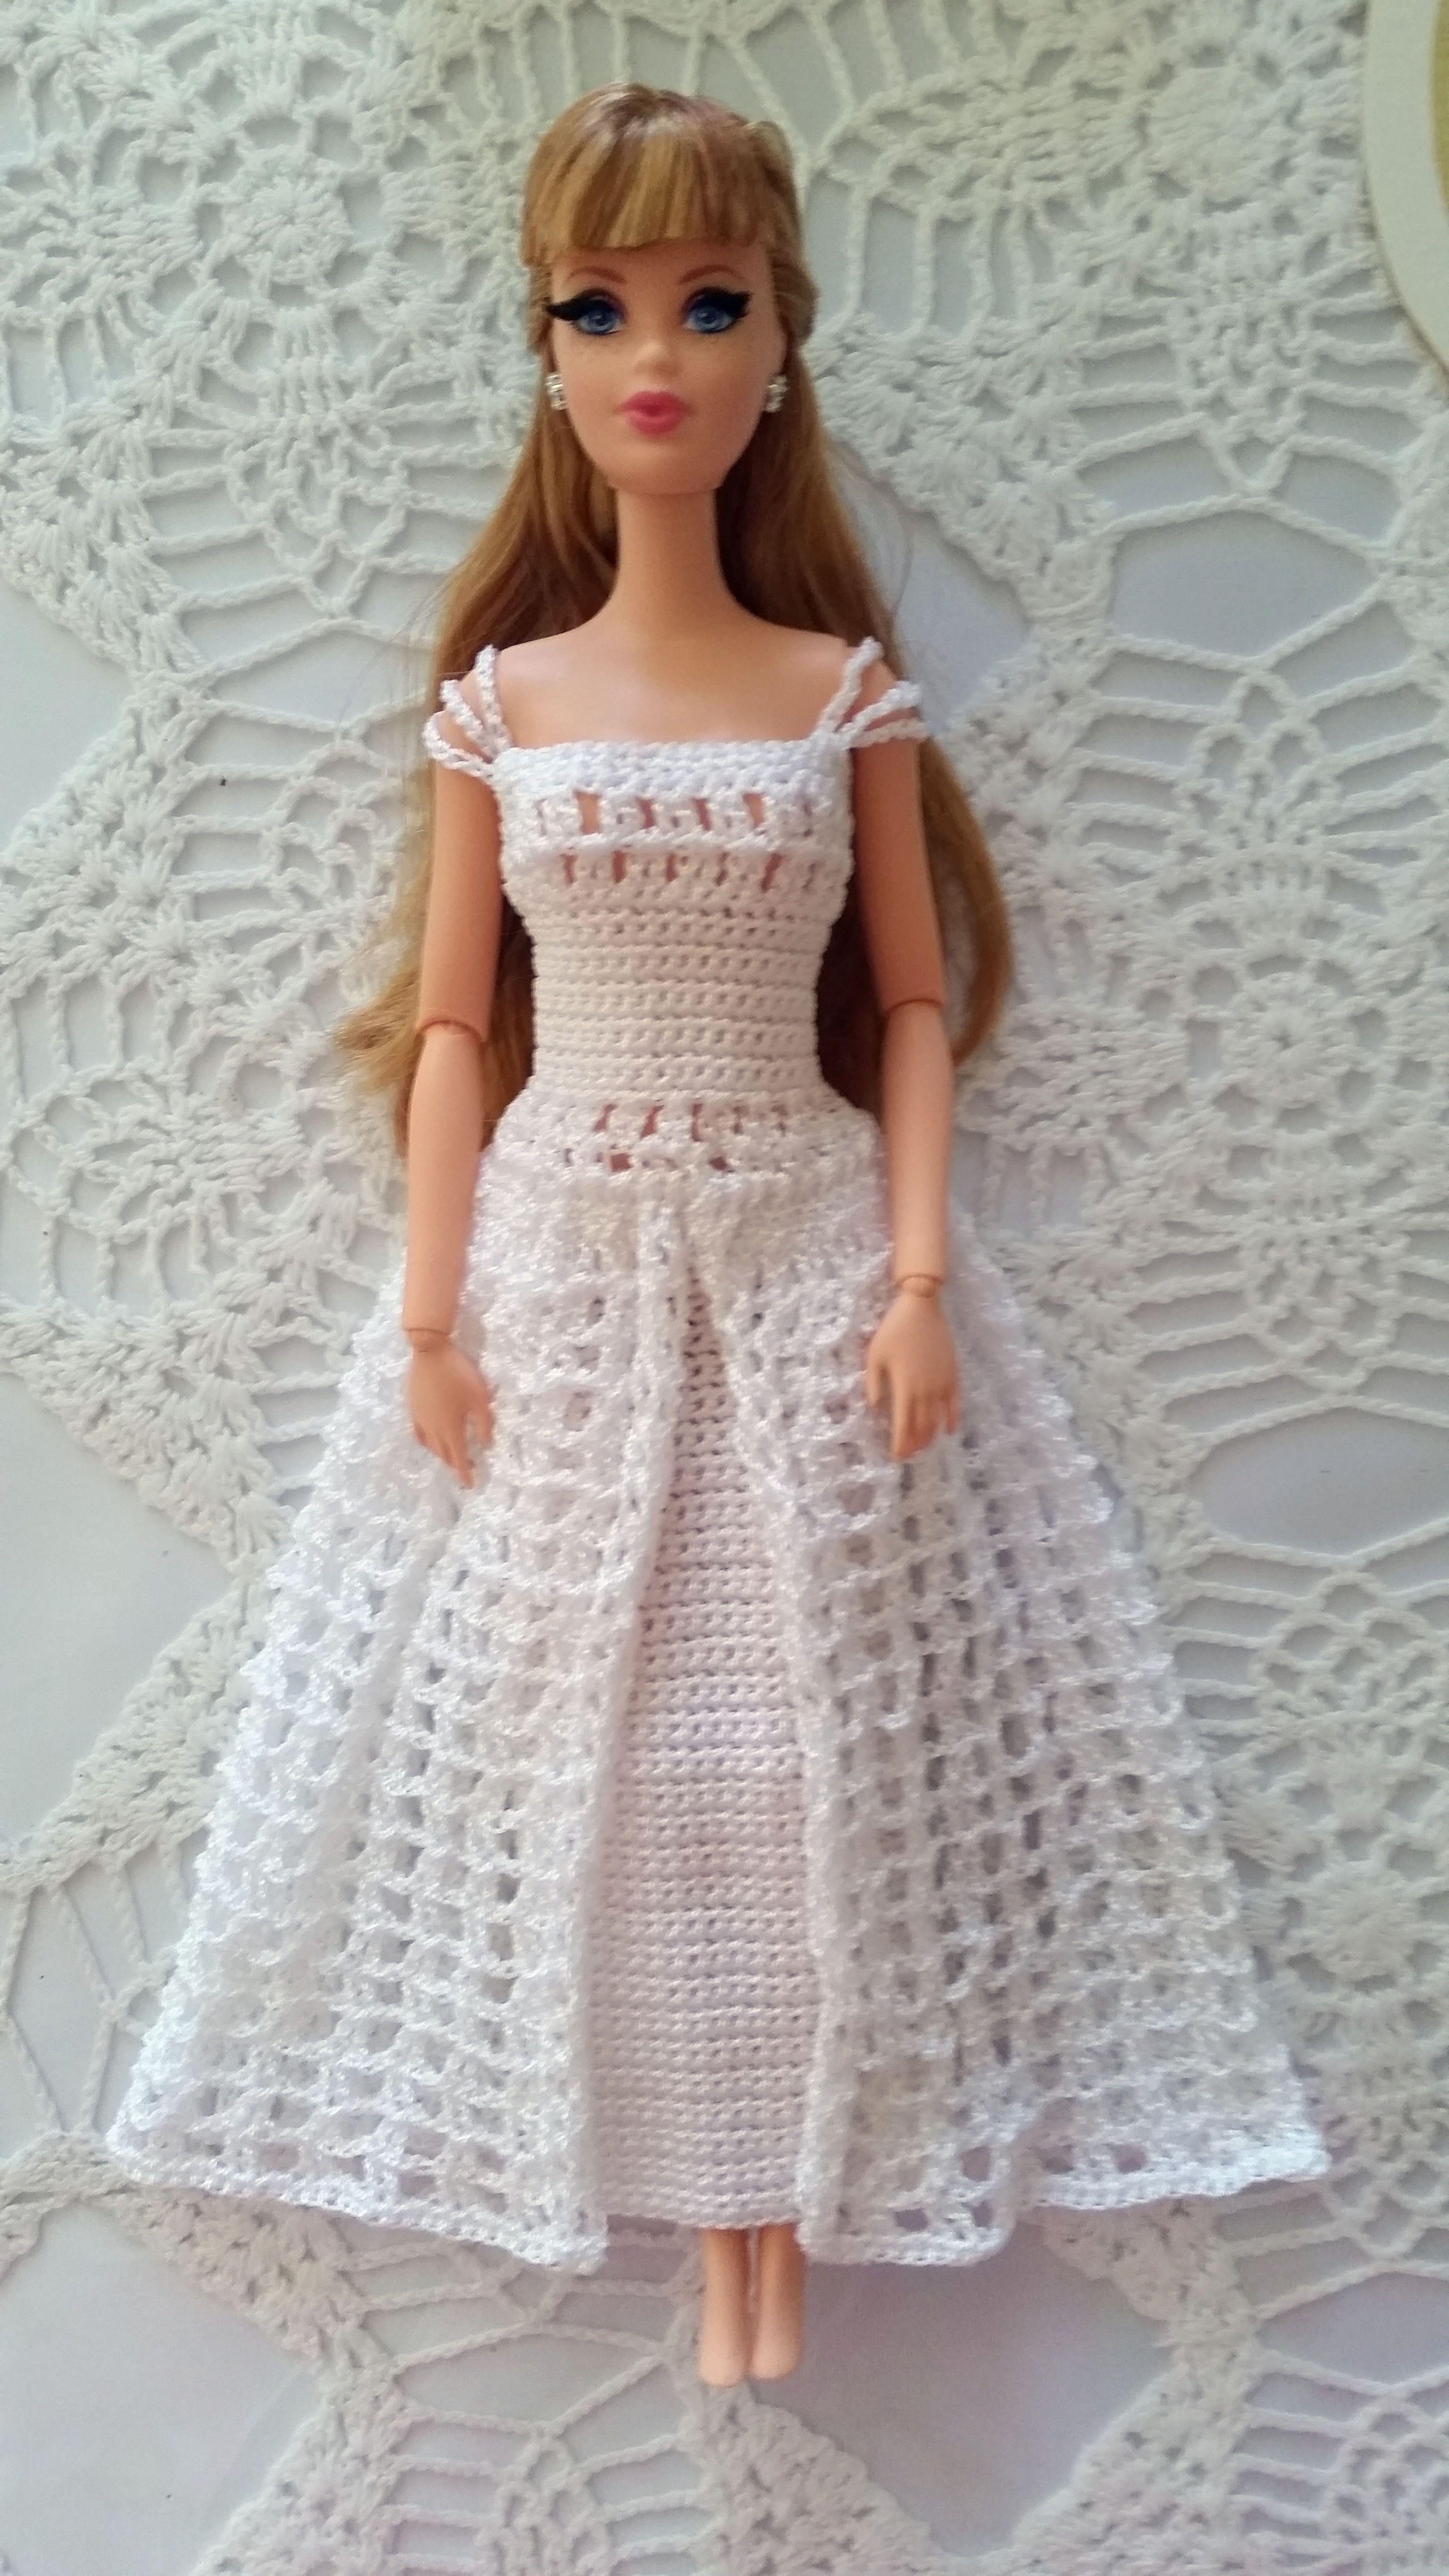 13587ab71d1a8a69da8f03886ee355ae.jpg (2988×5312) | Barbie ...